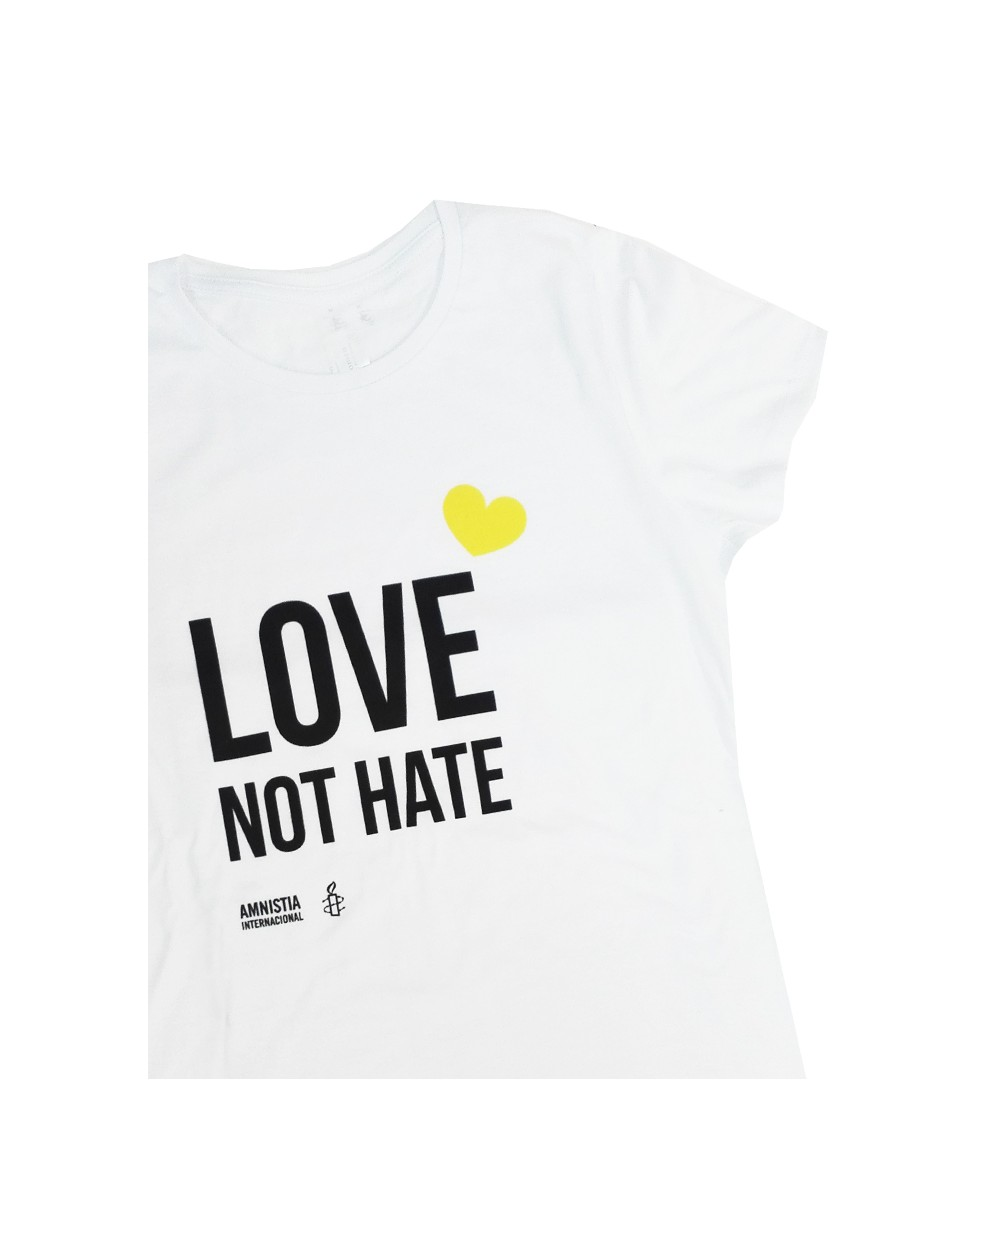 Camiseta para el día del orgullo gay Amnistía Internacional para mujer.